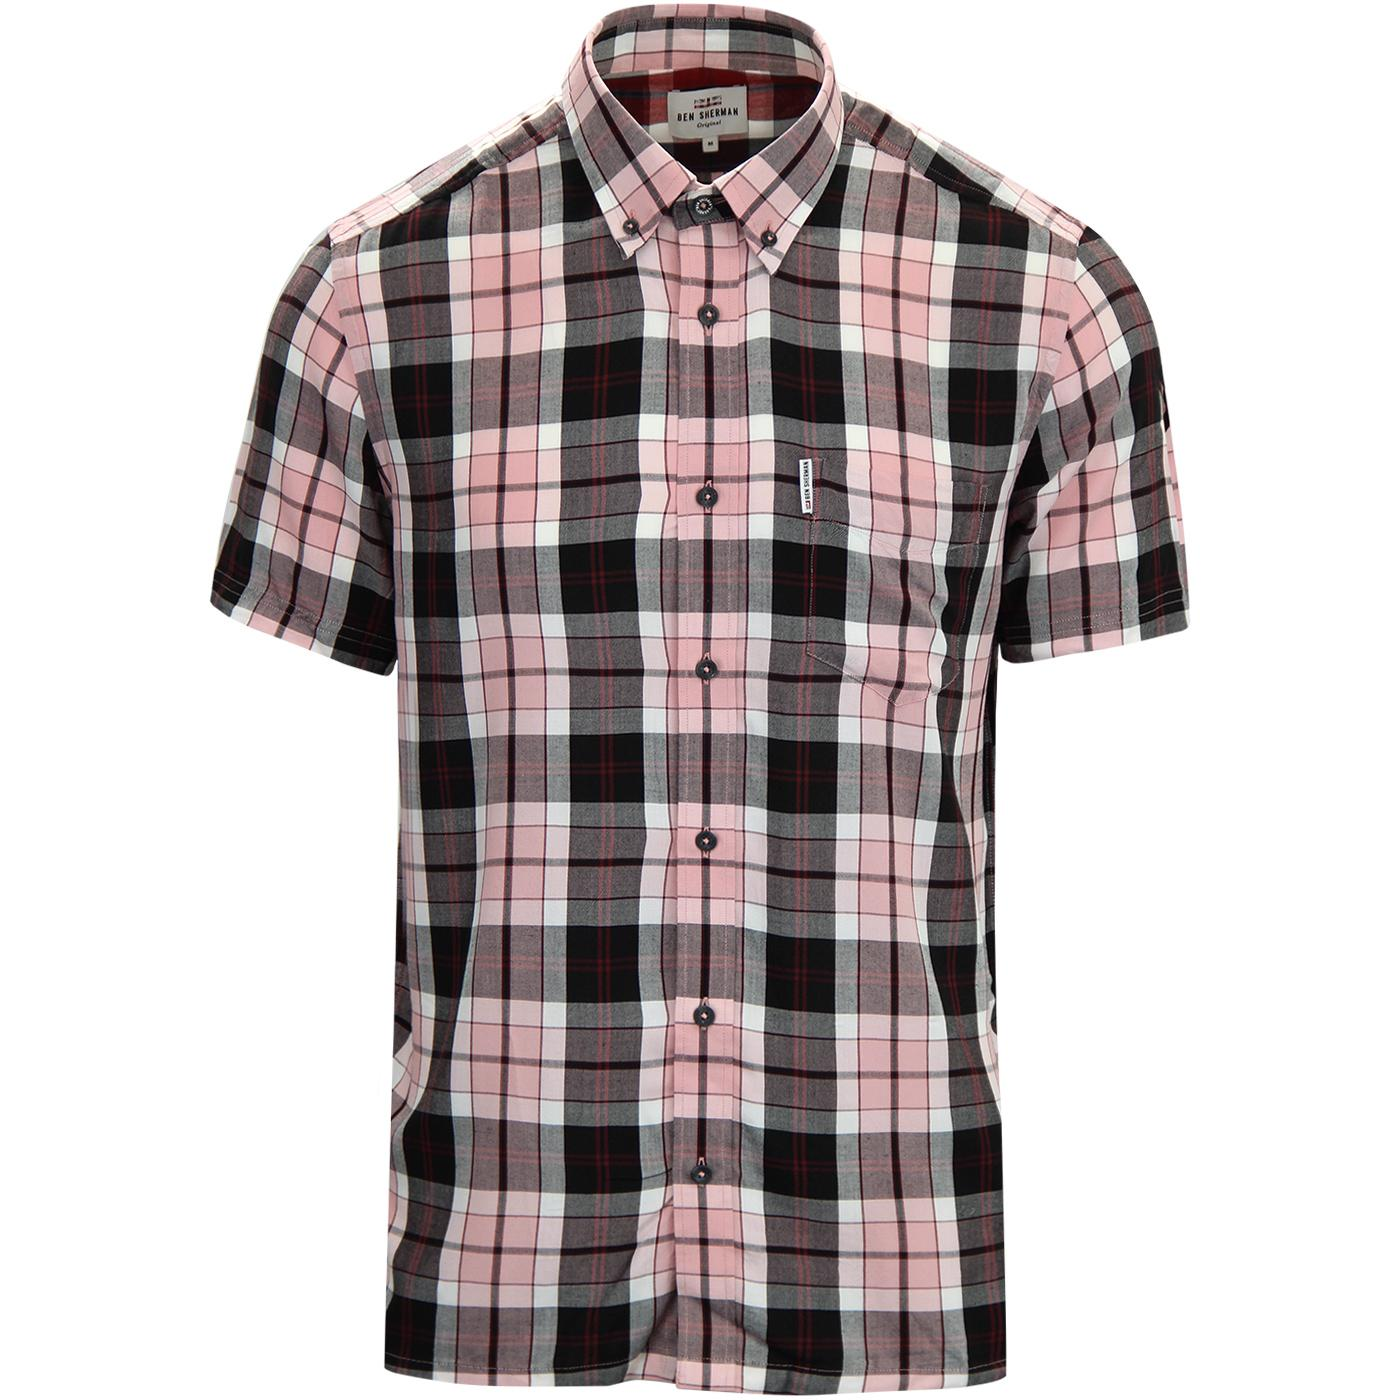 BEN SHERMAN Retro 60s Mod Plaid Check Shirt (Pink)